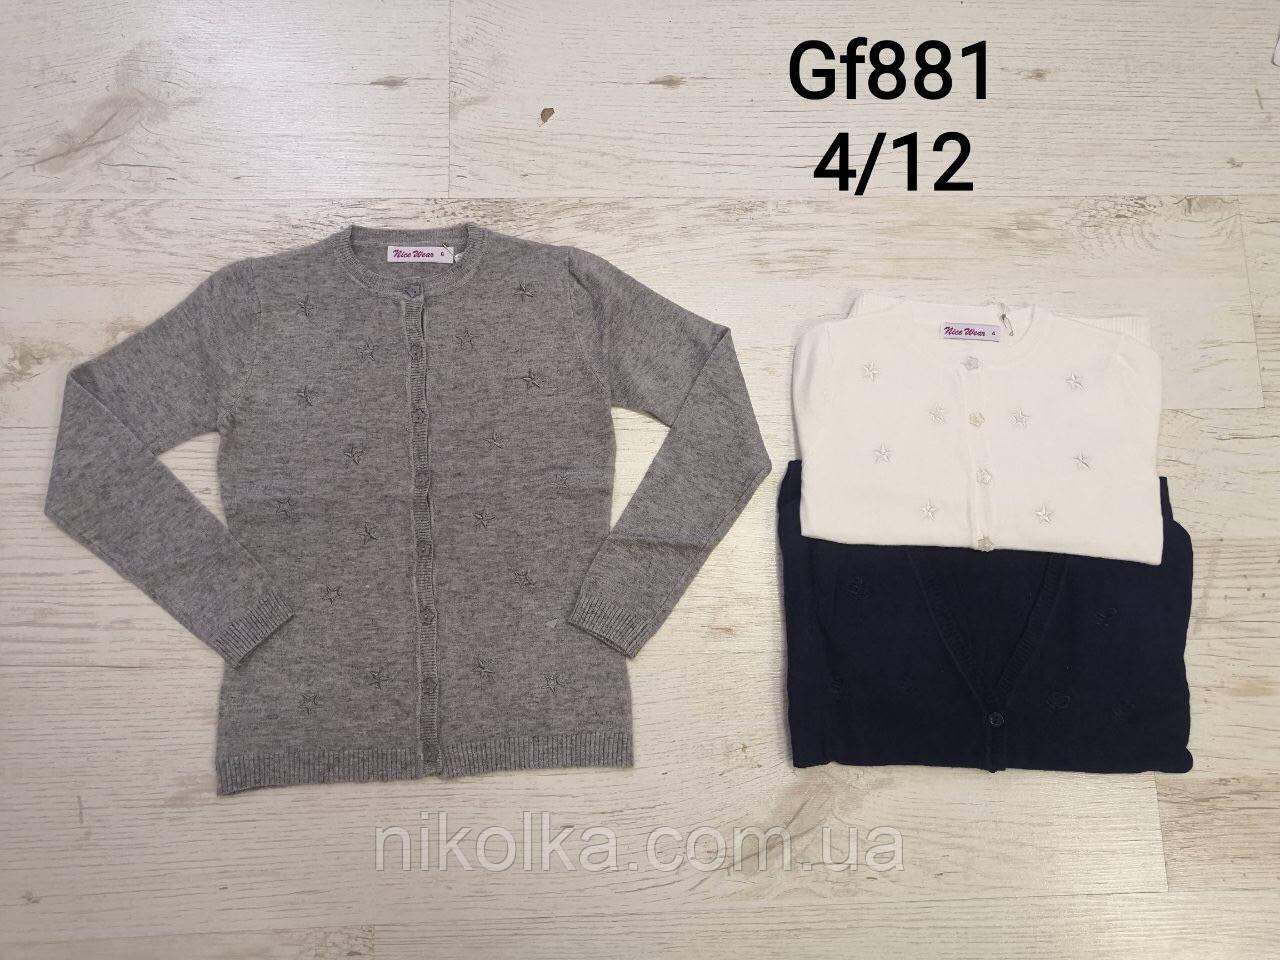 Свитер для девочек оптом, Nice Wear, 4-12 лет, aрт. GF881